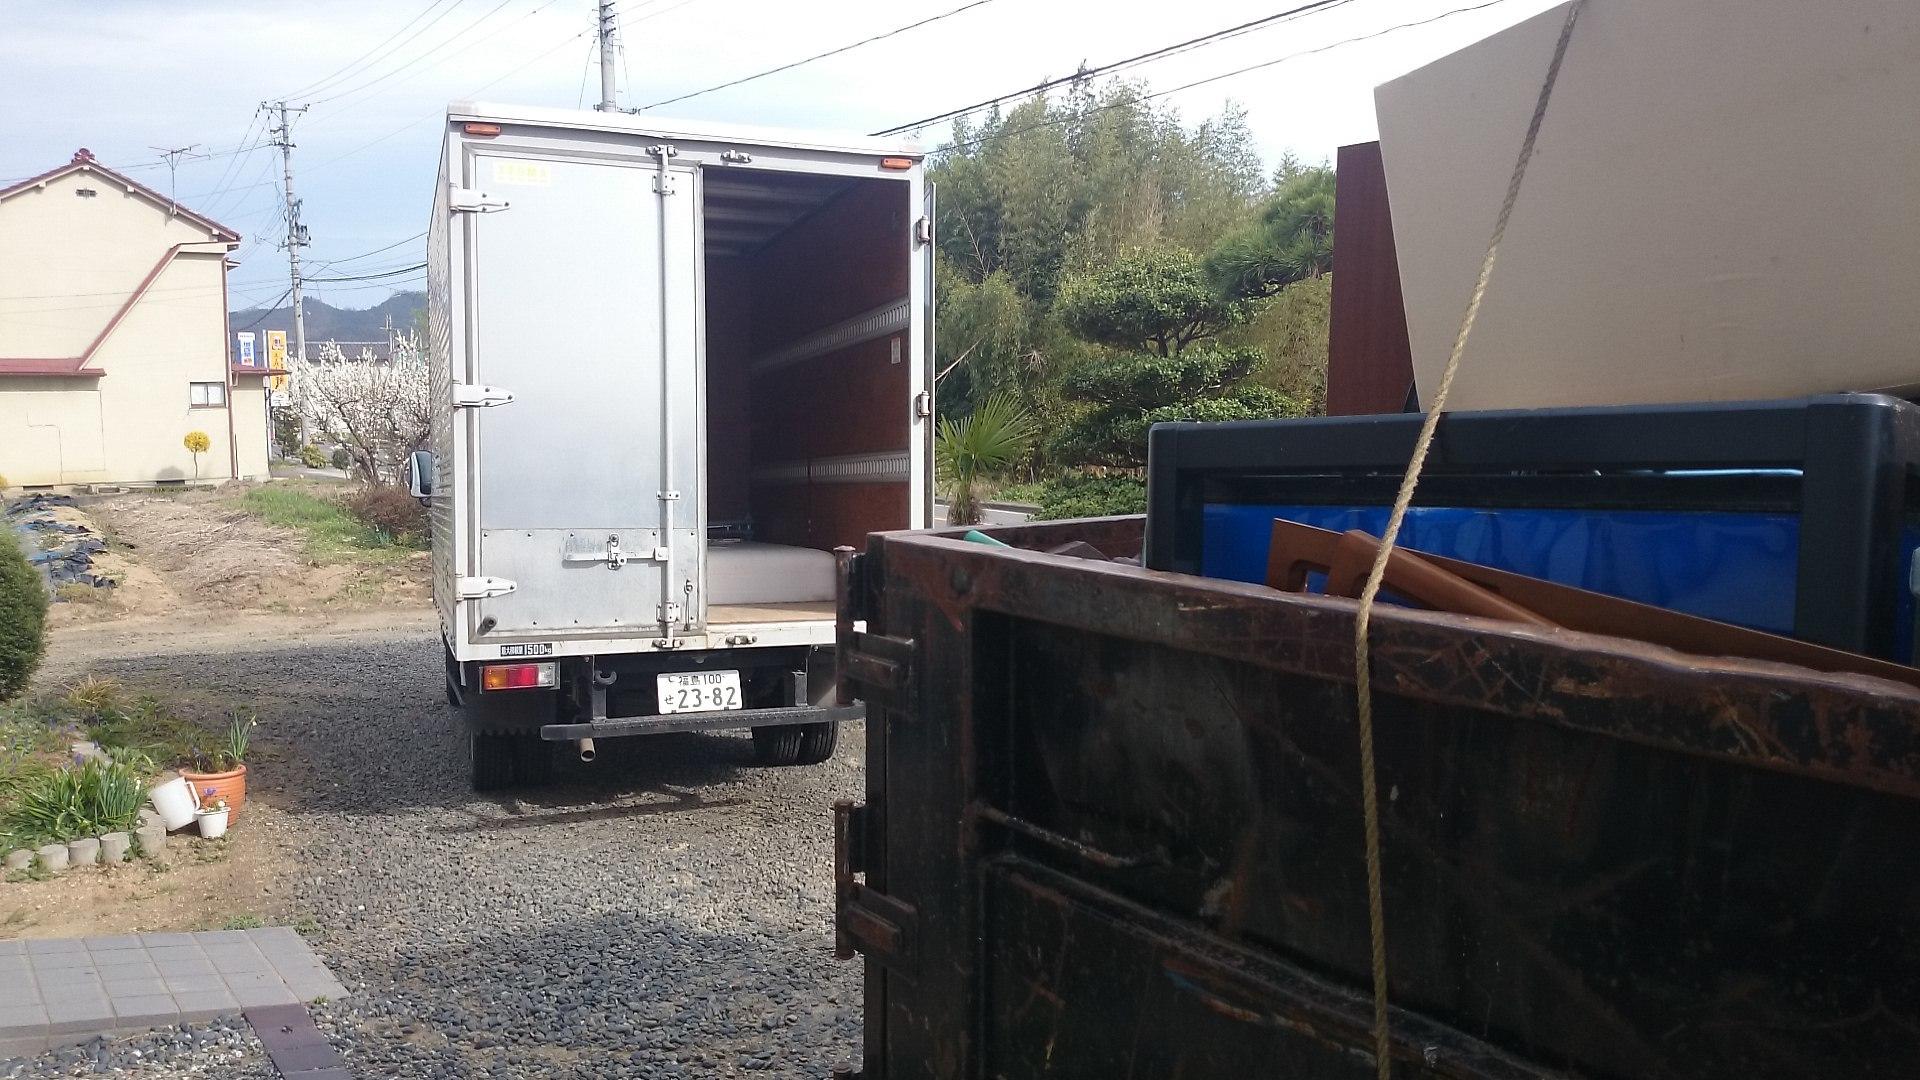 アルミバン箱車で回収